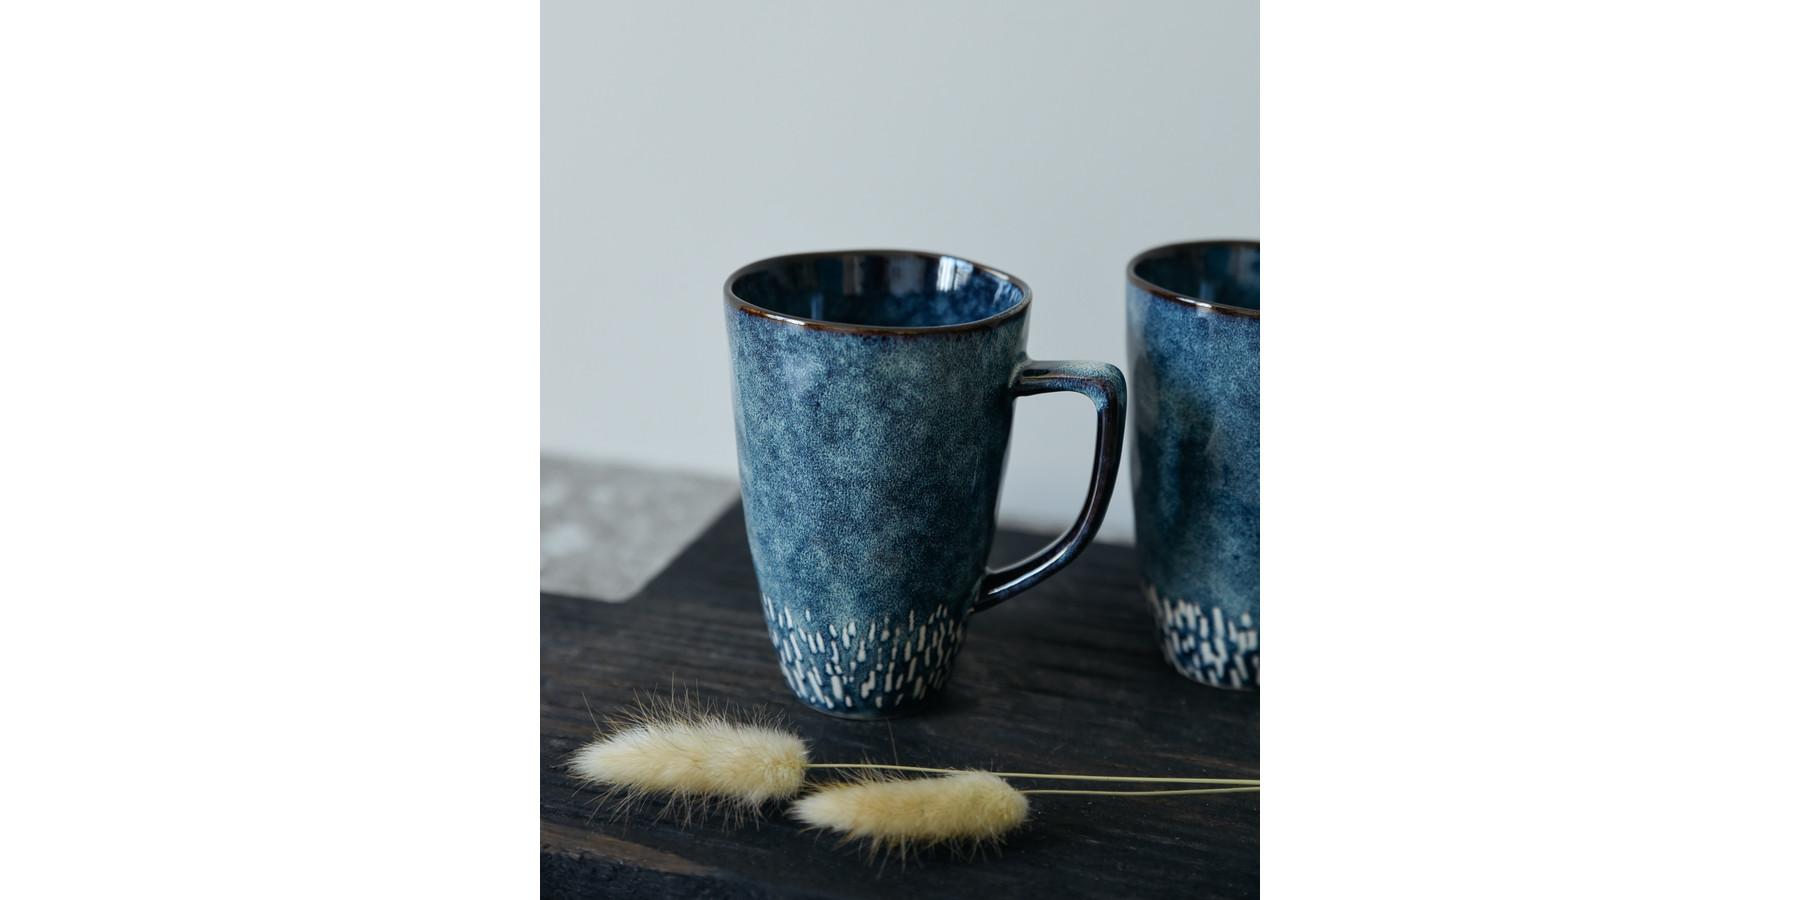 Mok of mug reactive blue 13 cm